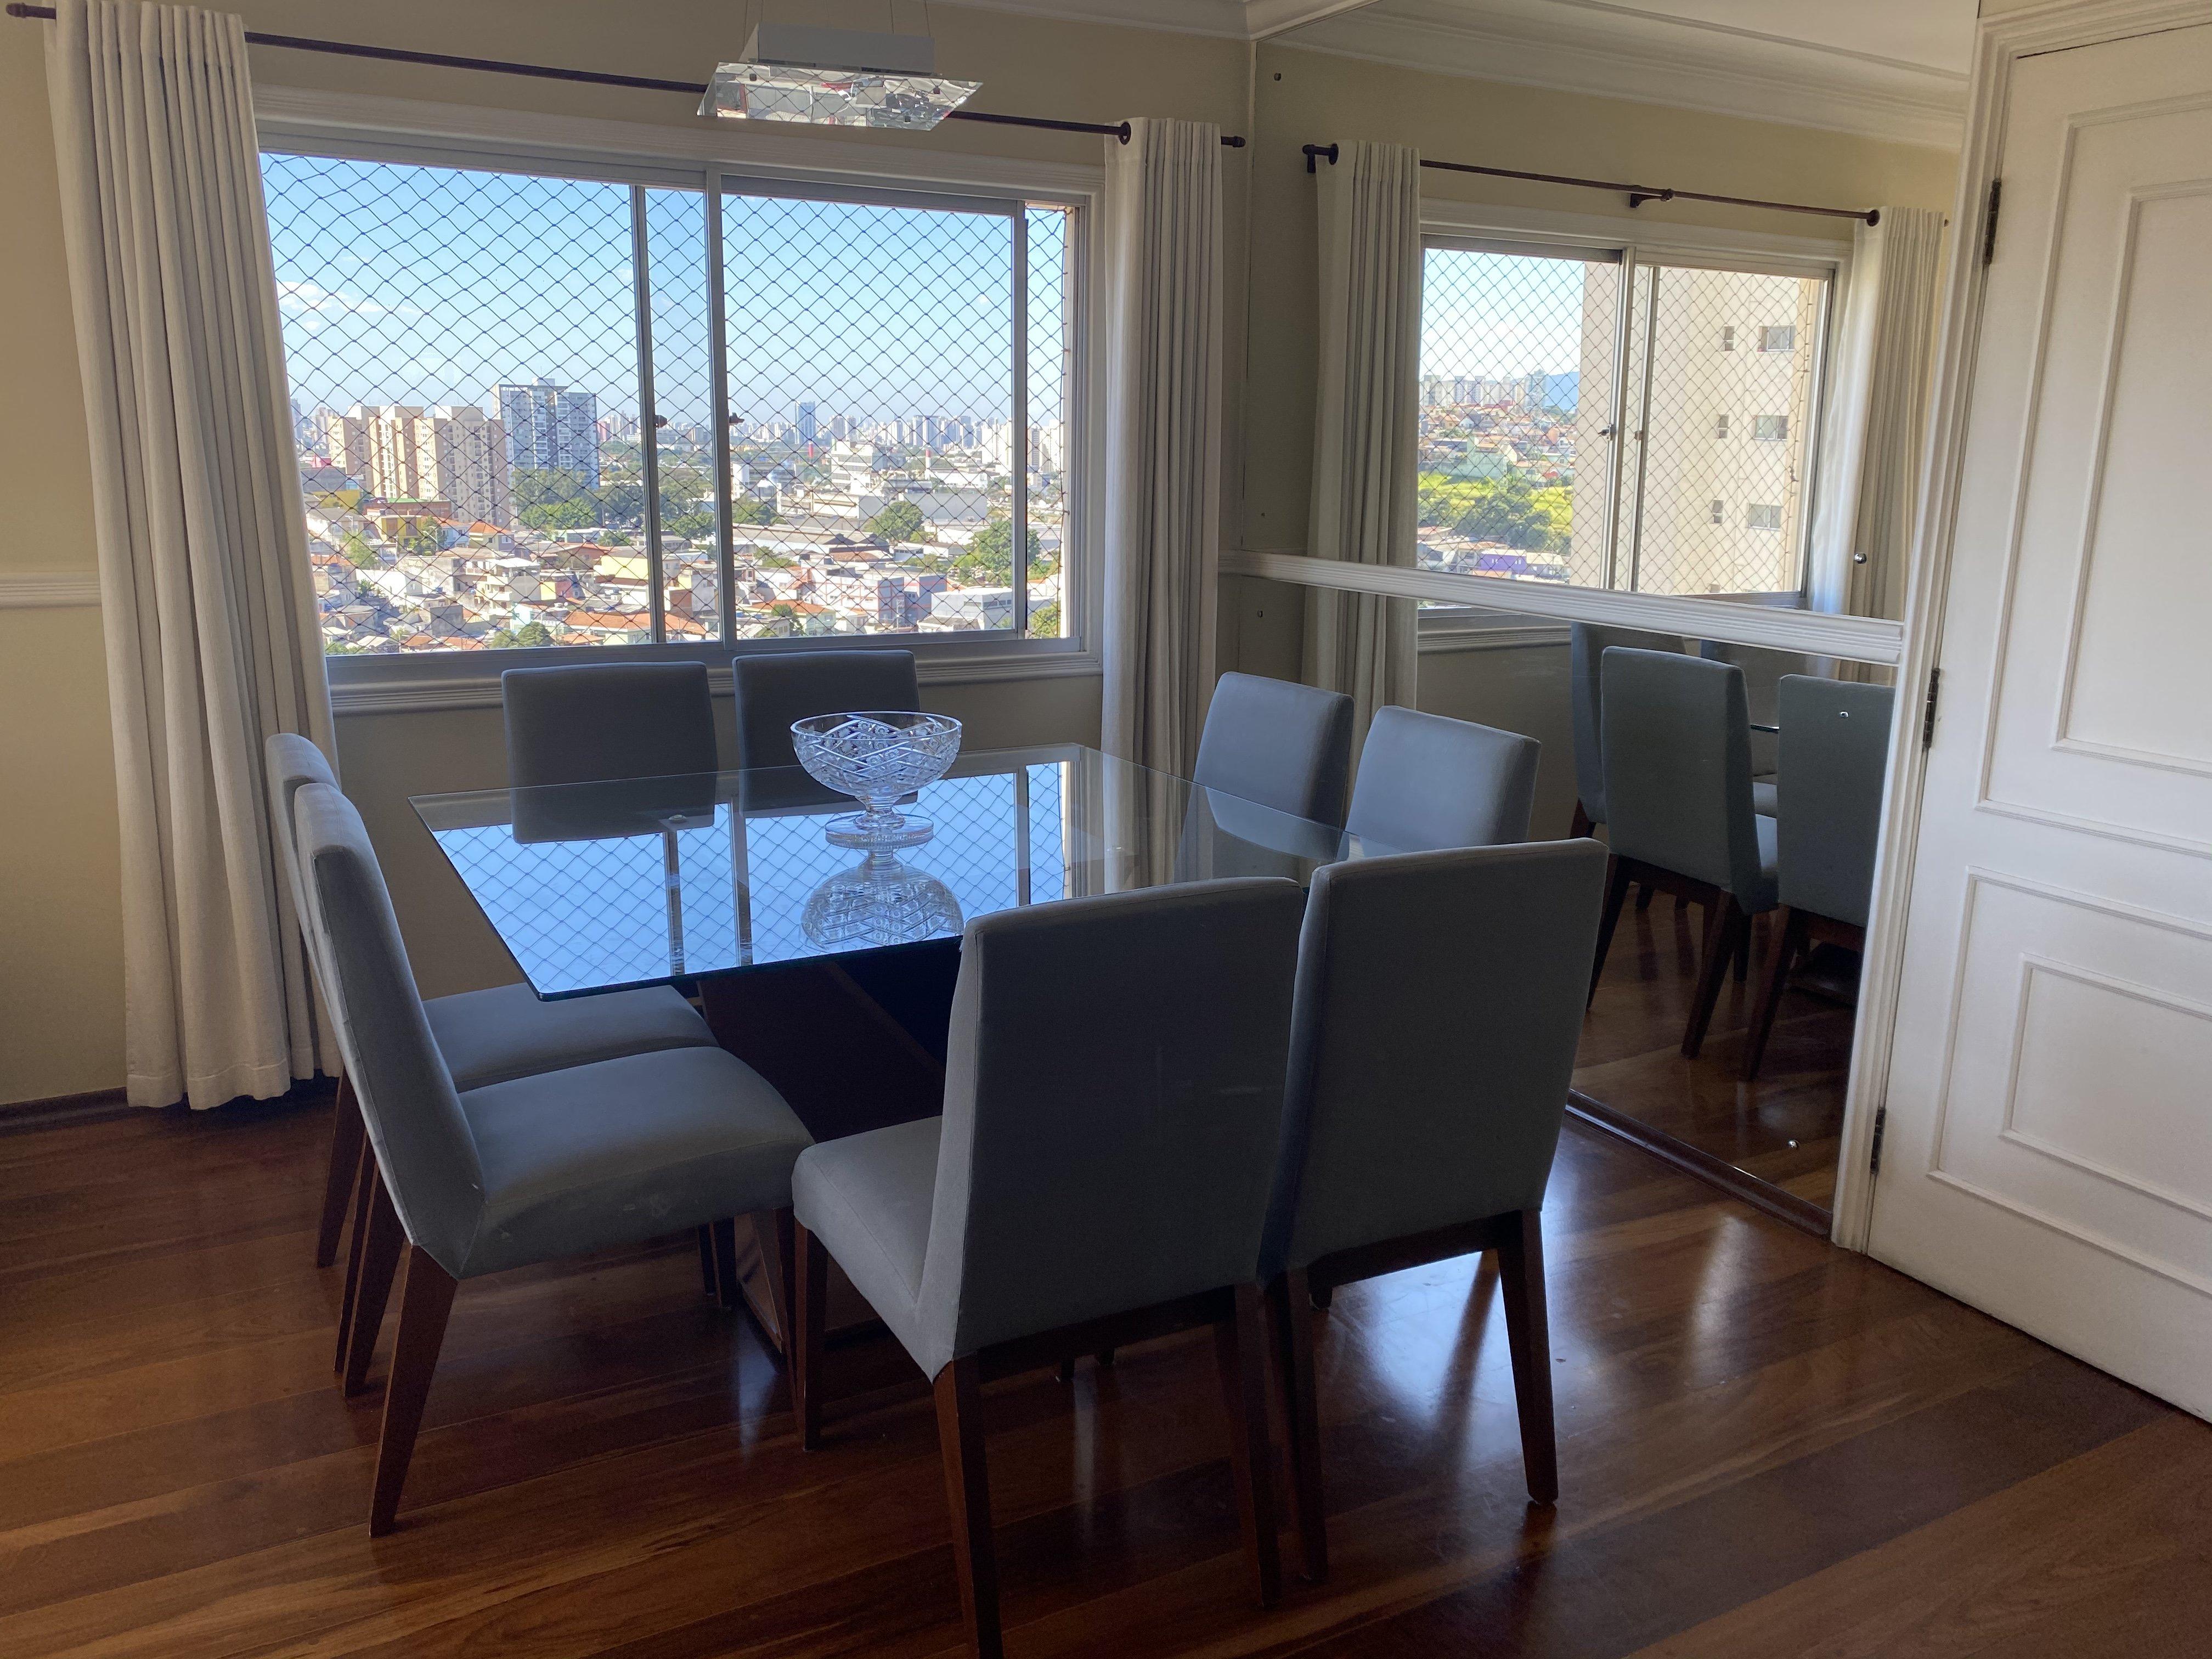 Foto de Sala com tigela, cadeira, mesa de jantar